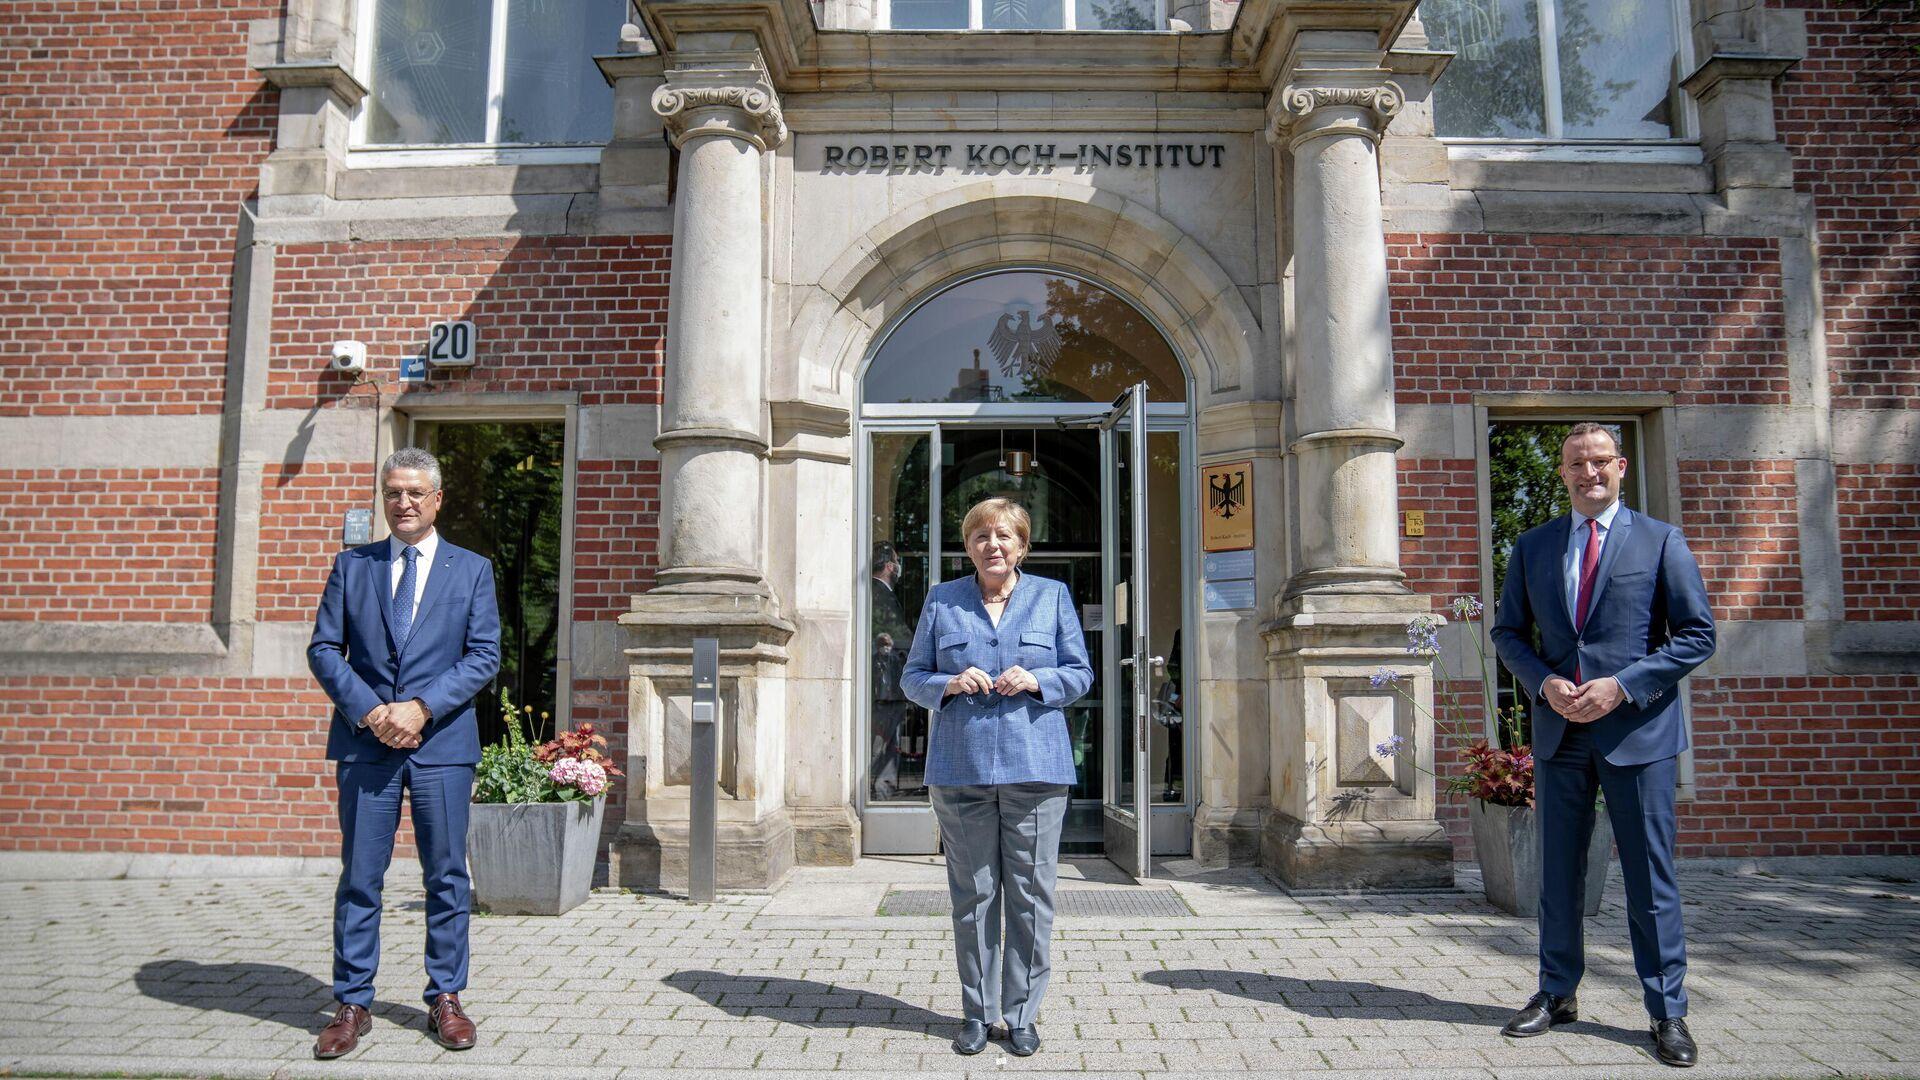 Präsident des Robert-Koch-Instituts Lothar H. Wieler, Bundeskanzlerin Angela Merkel und Bundesgesundheitsminister Jens Spahn - SNA, 1920, 13.07.2021